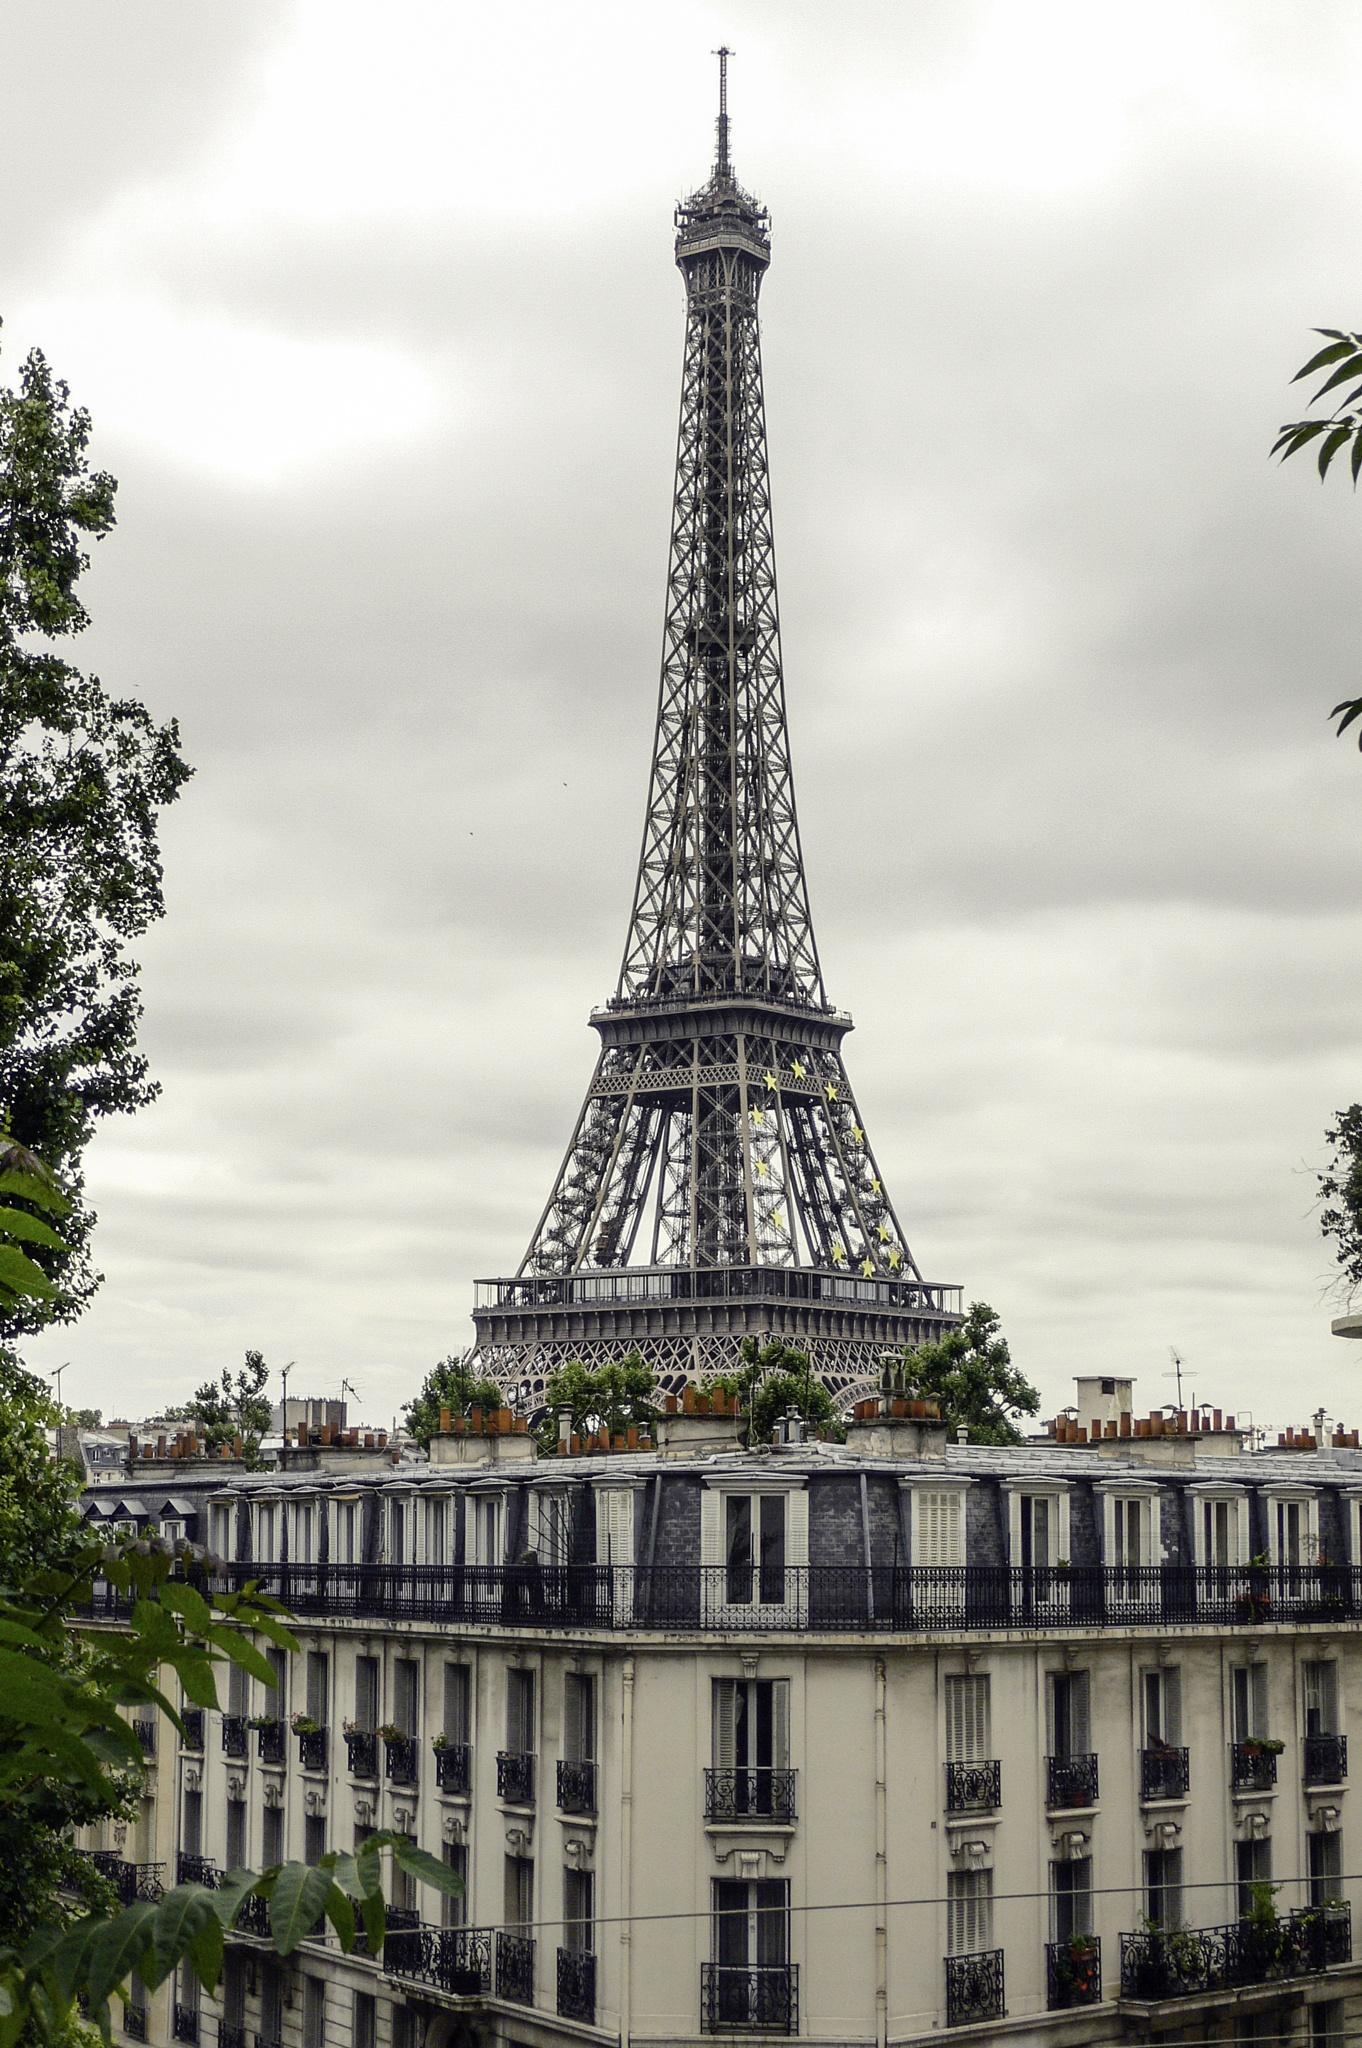 Eiffel tower over brick chimneys, Paris by Martine de Lajudie